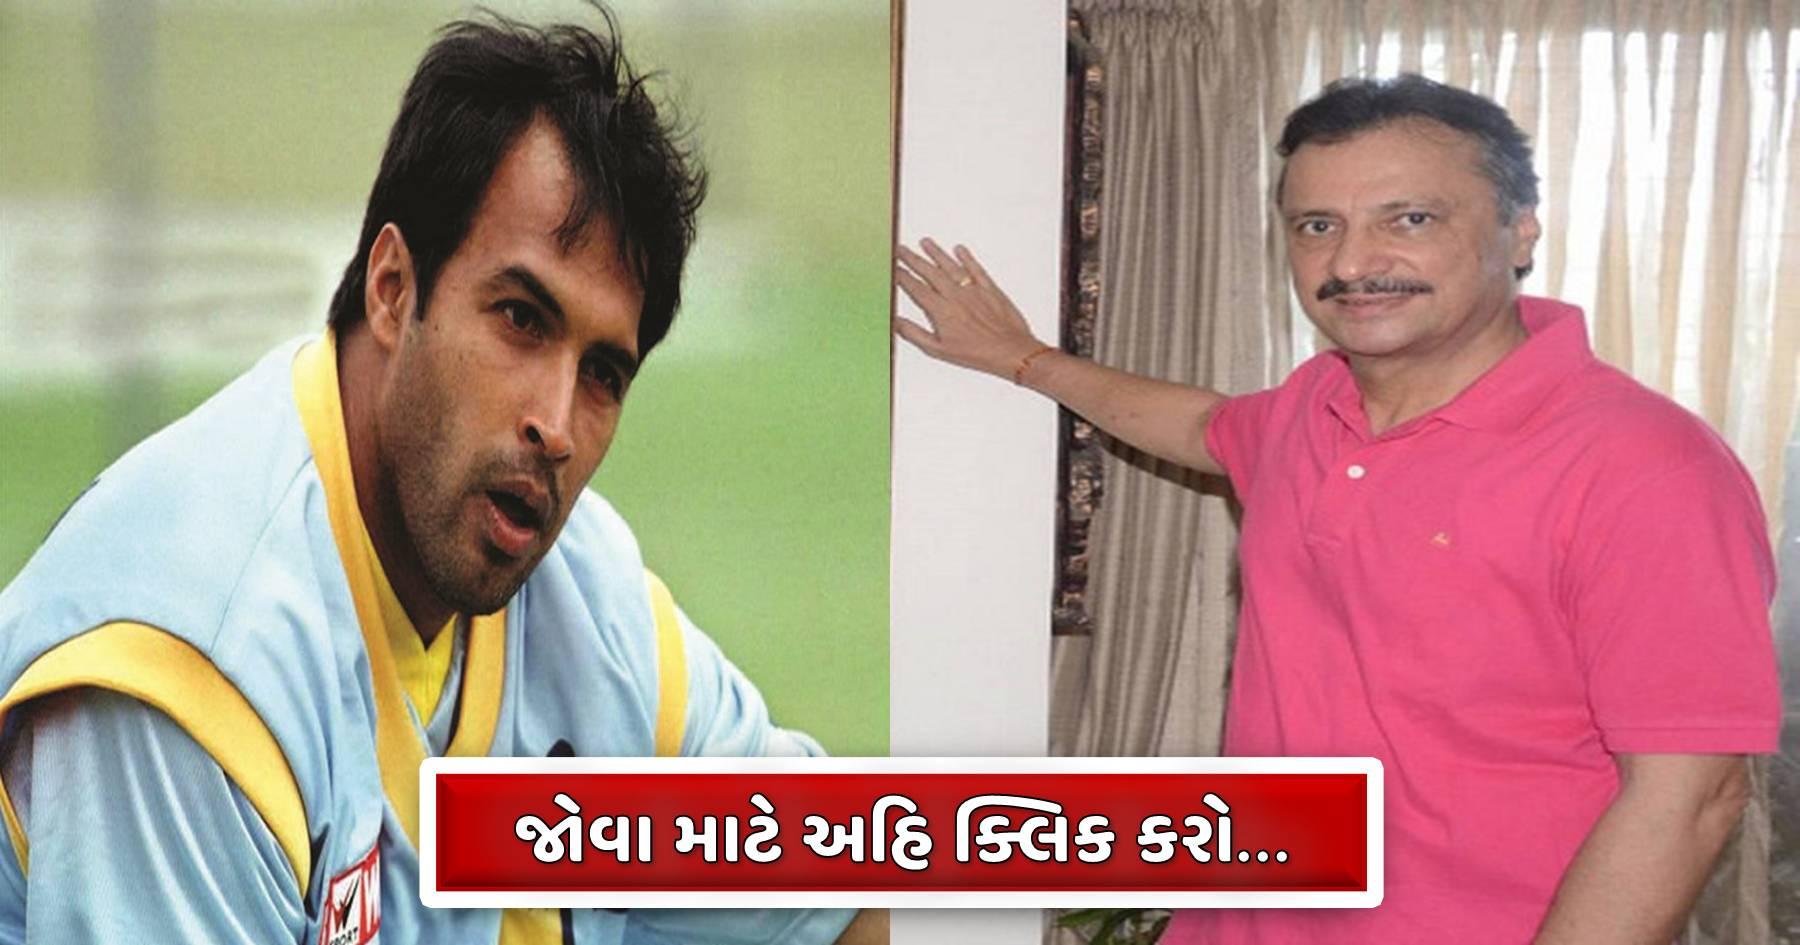 આ 6 ક્રિકેટરો ભલે જન્મ્યા હોય વિદેશમા પણ રમ્યા છે માત્ર ભારત માટે જ, તમે જાણશો તો આનંદ થશે…